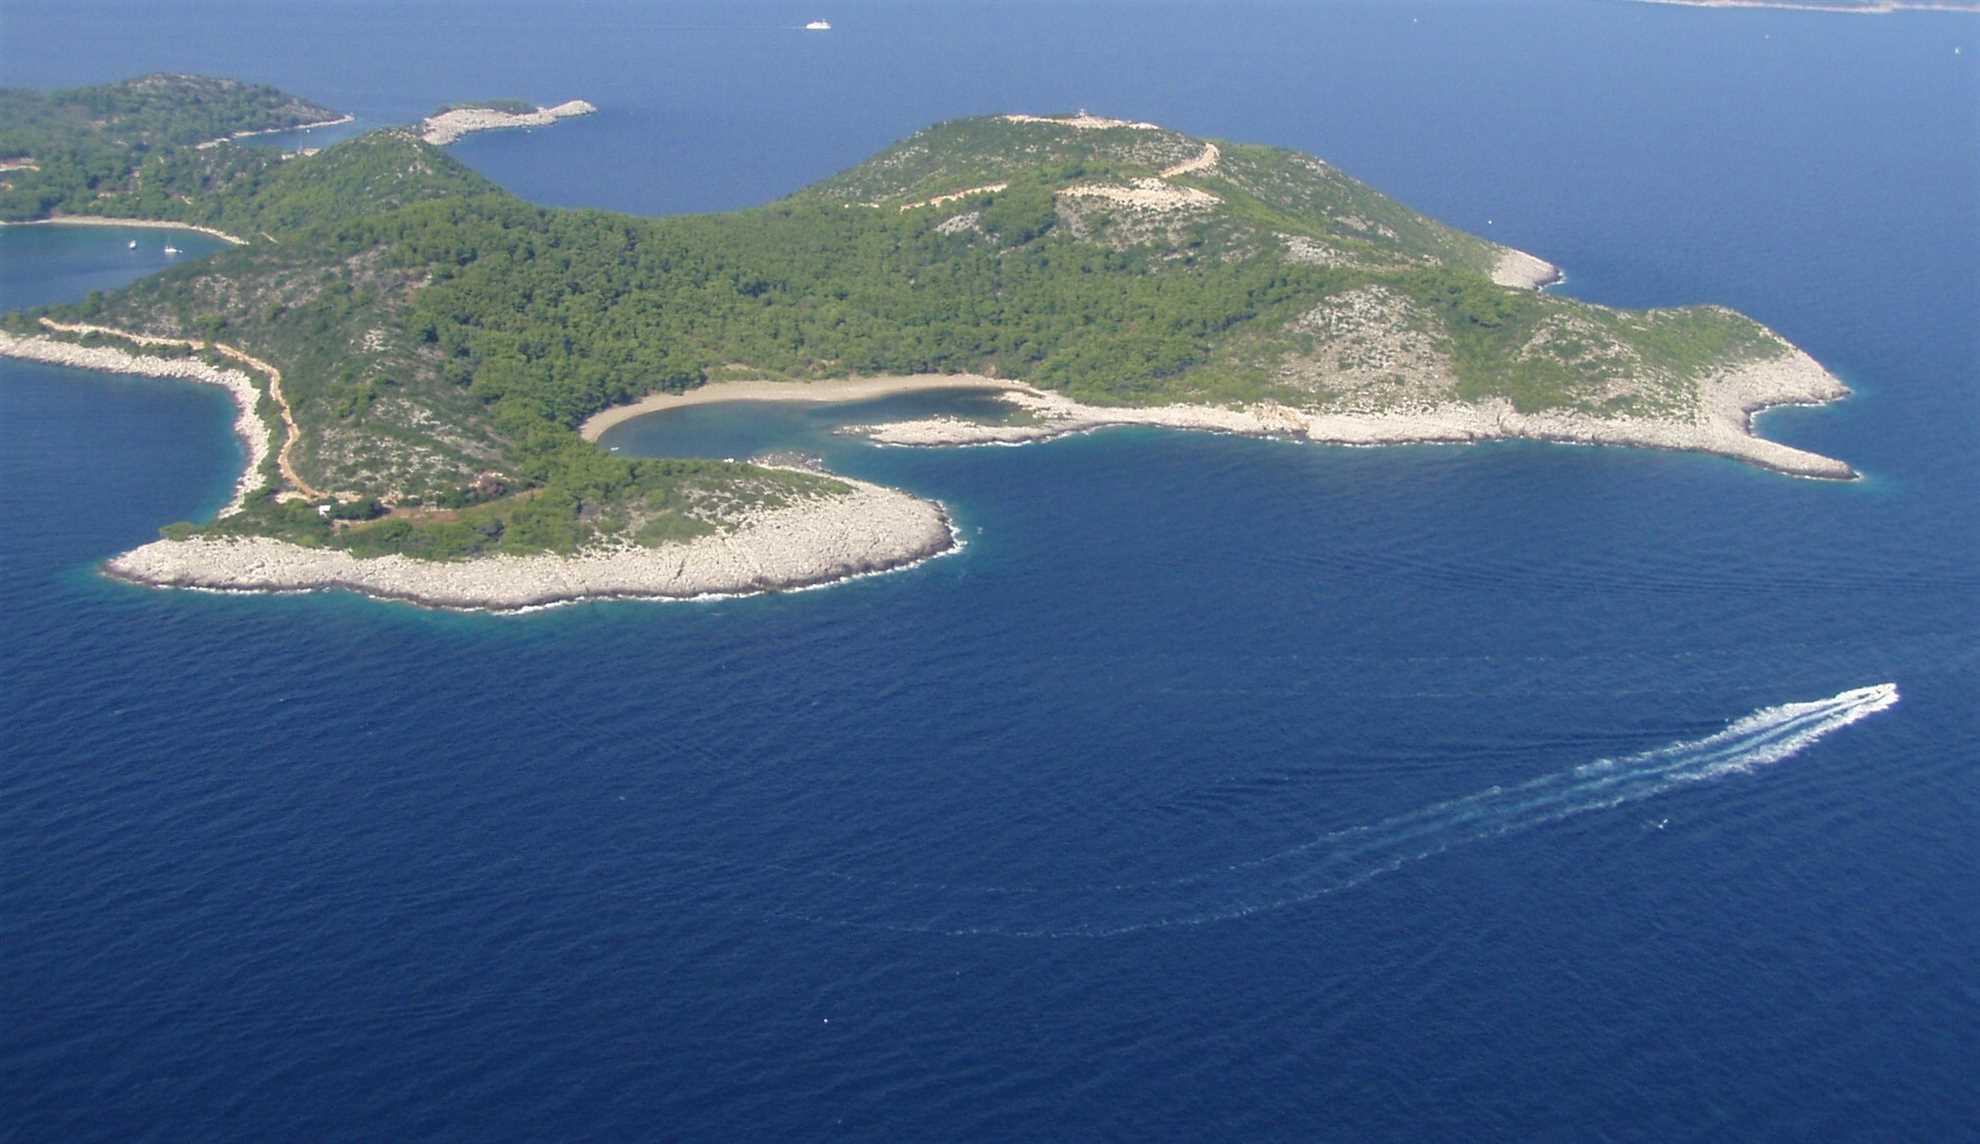 Blace beach on Mljet island in Croatia